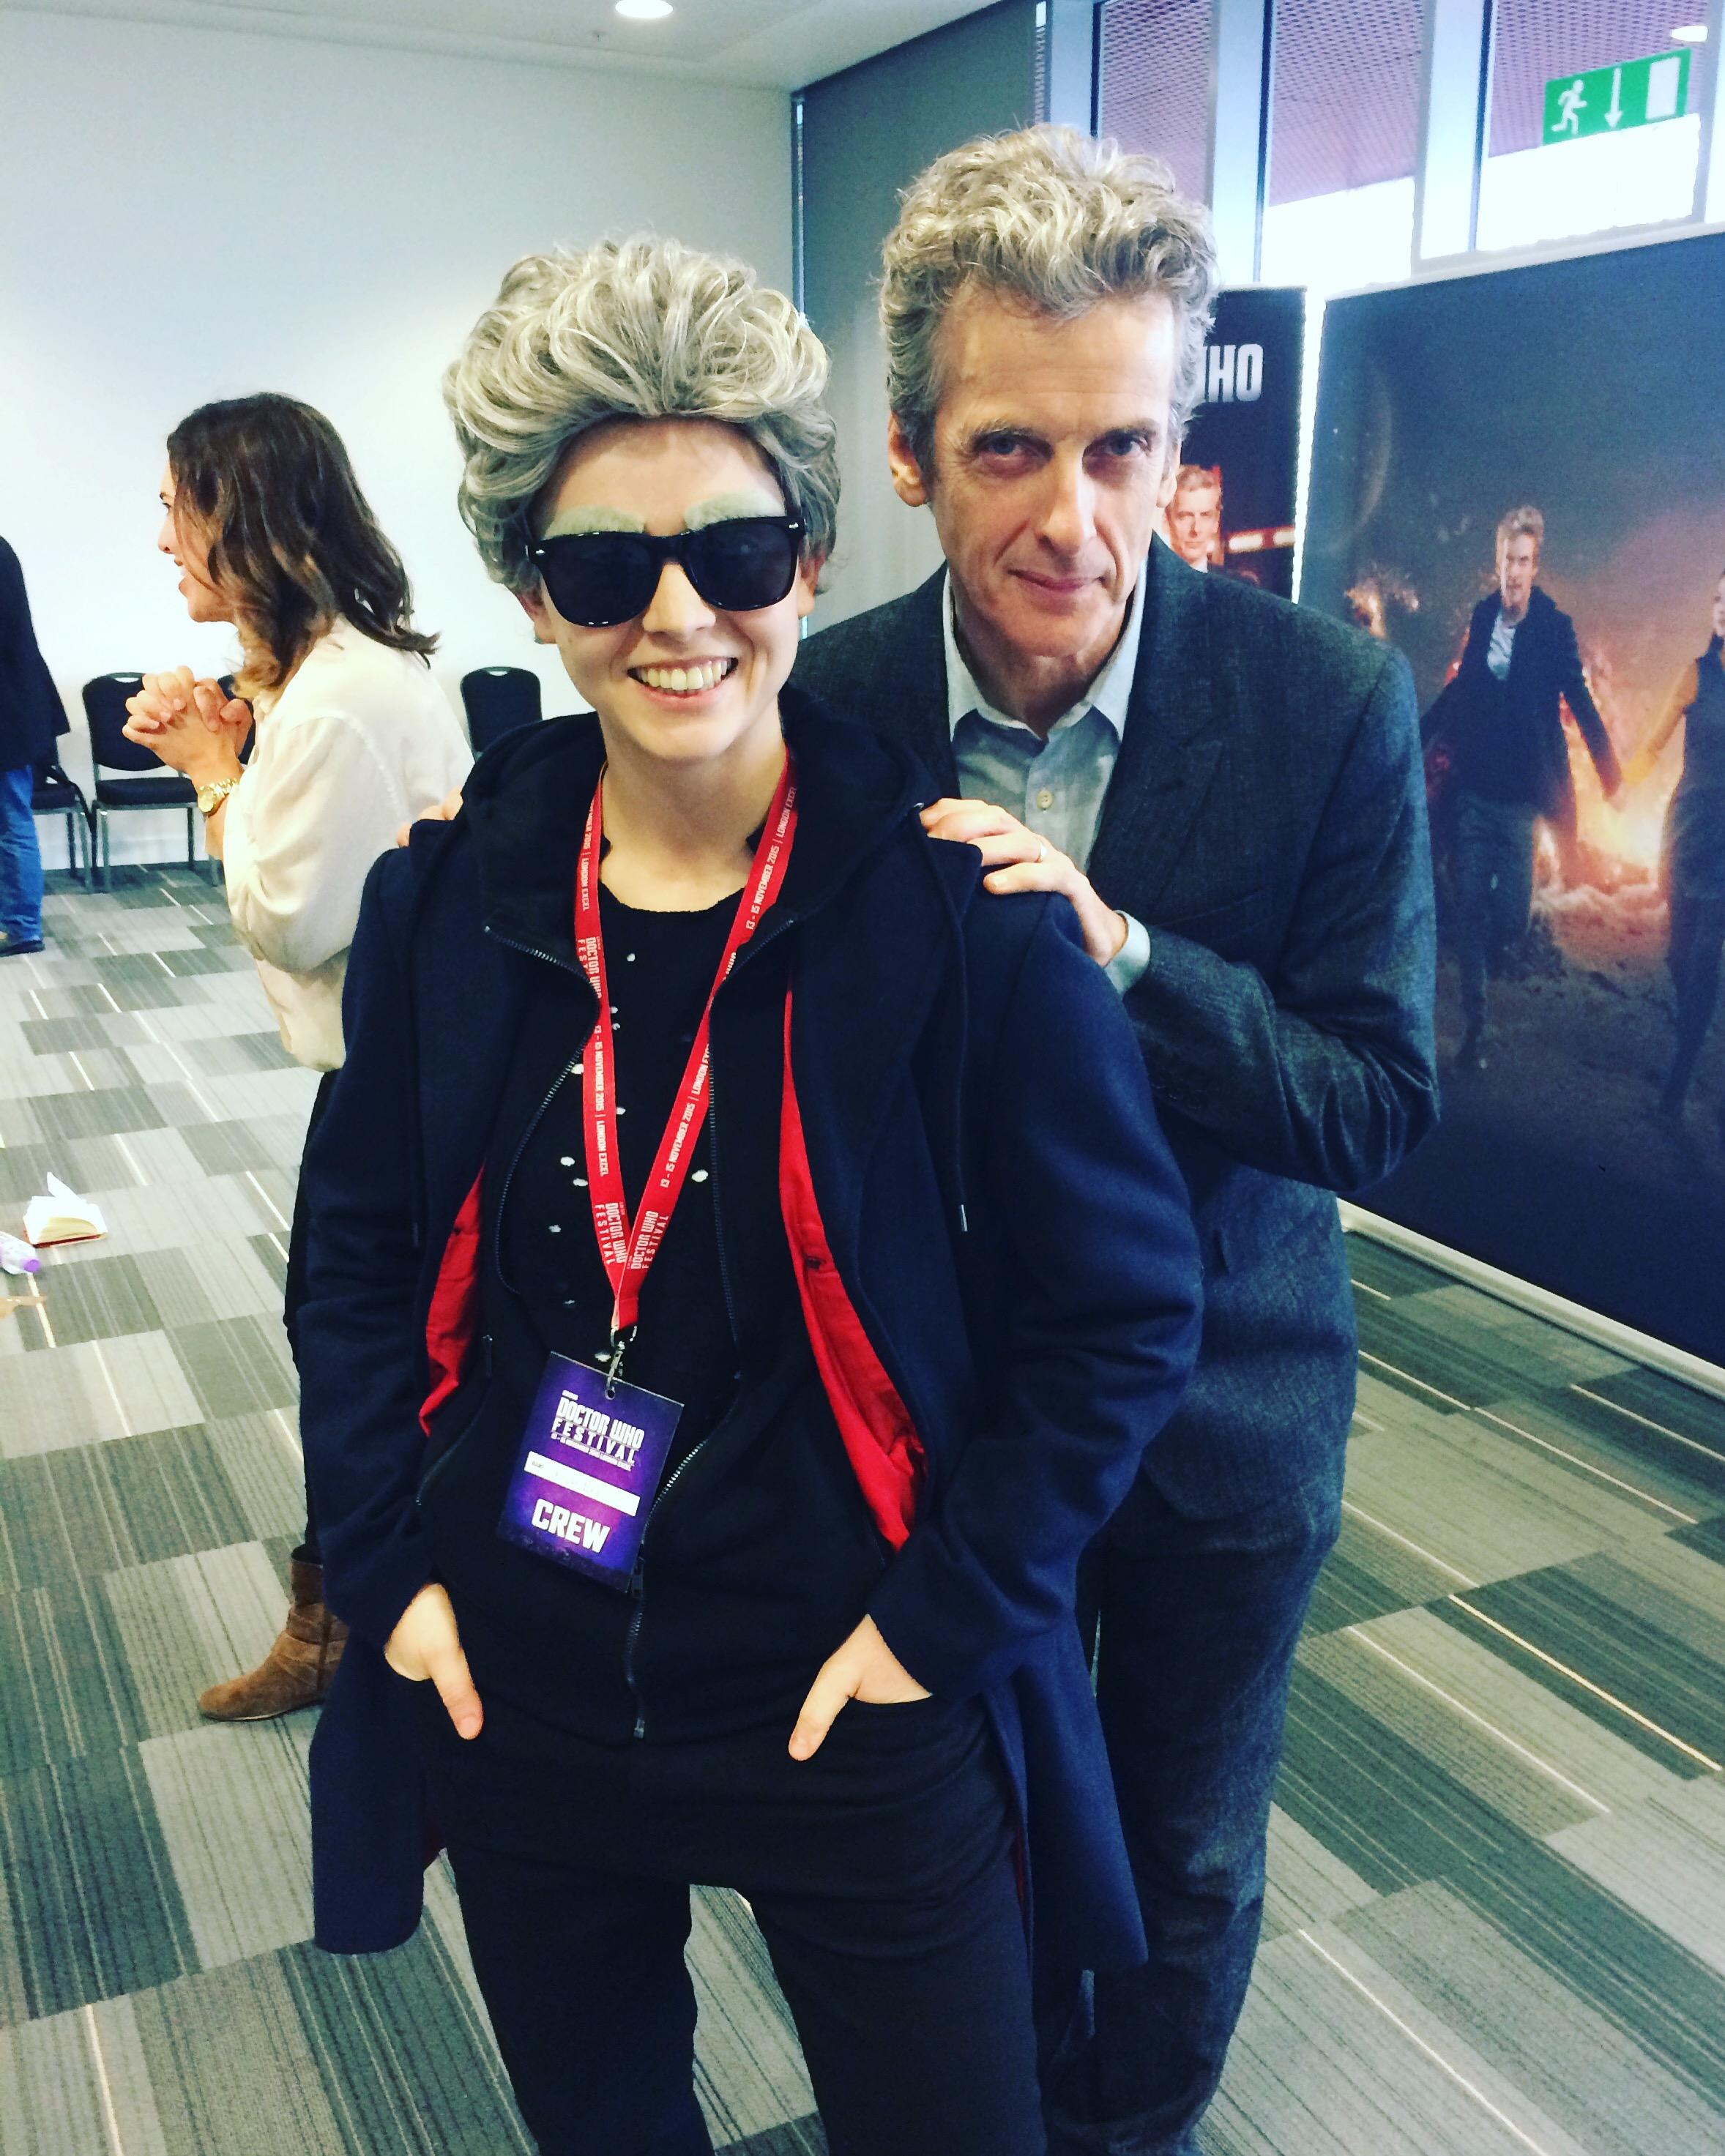 'The Boss' - Peter Capaldi